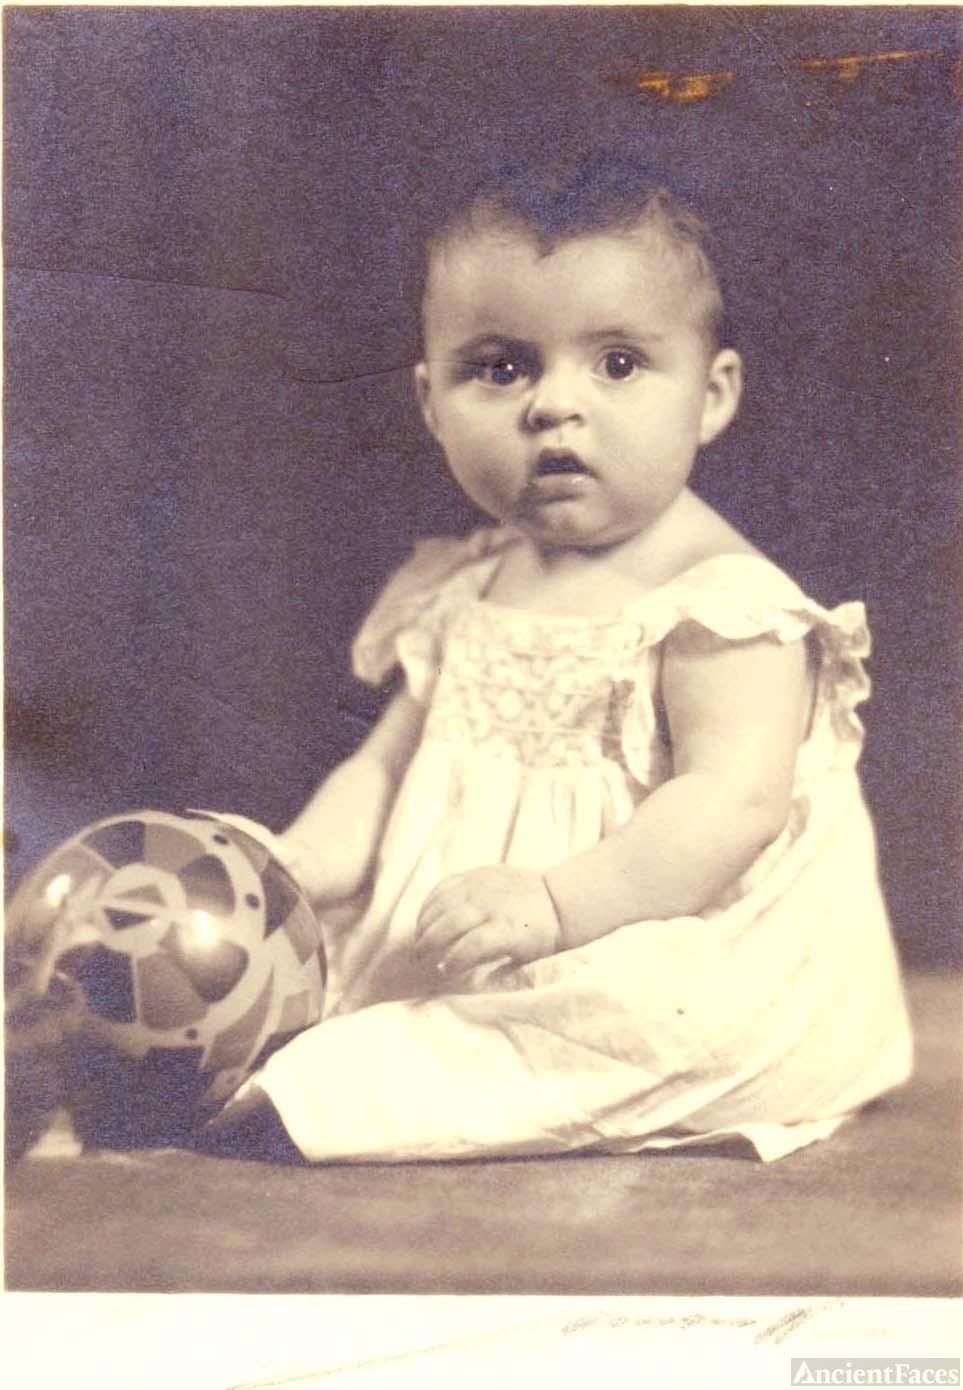 Cacilie Reder 1939